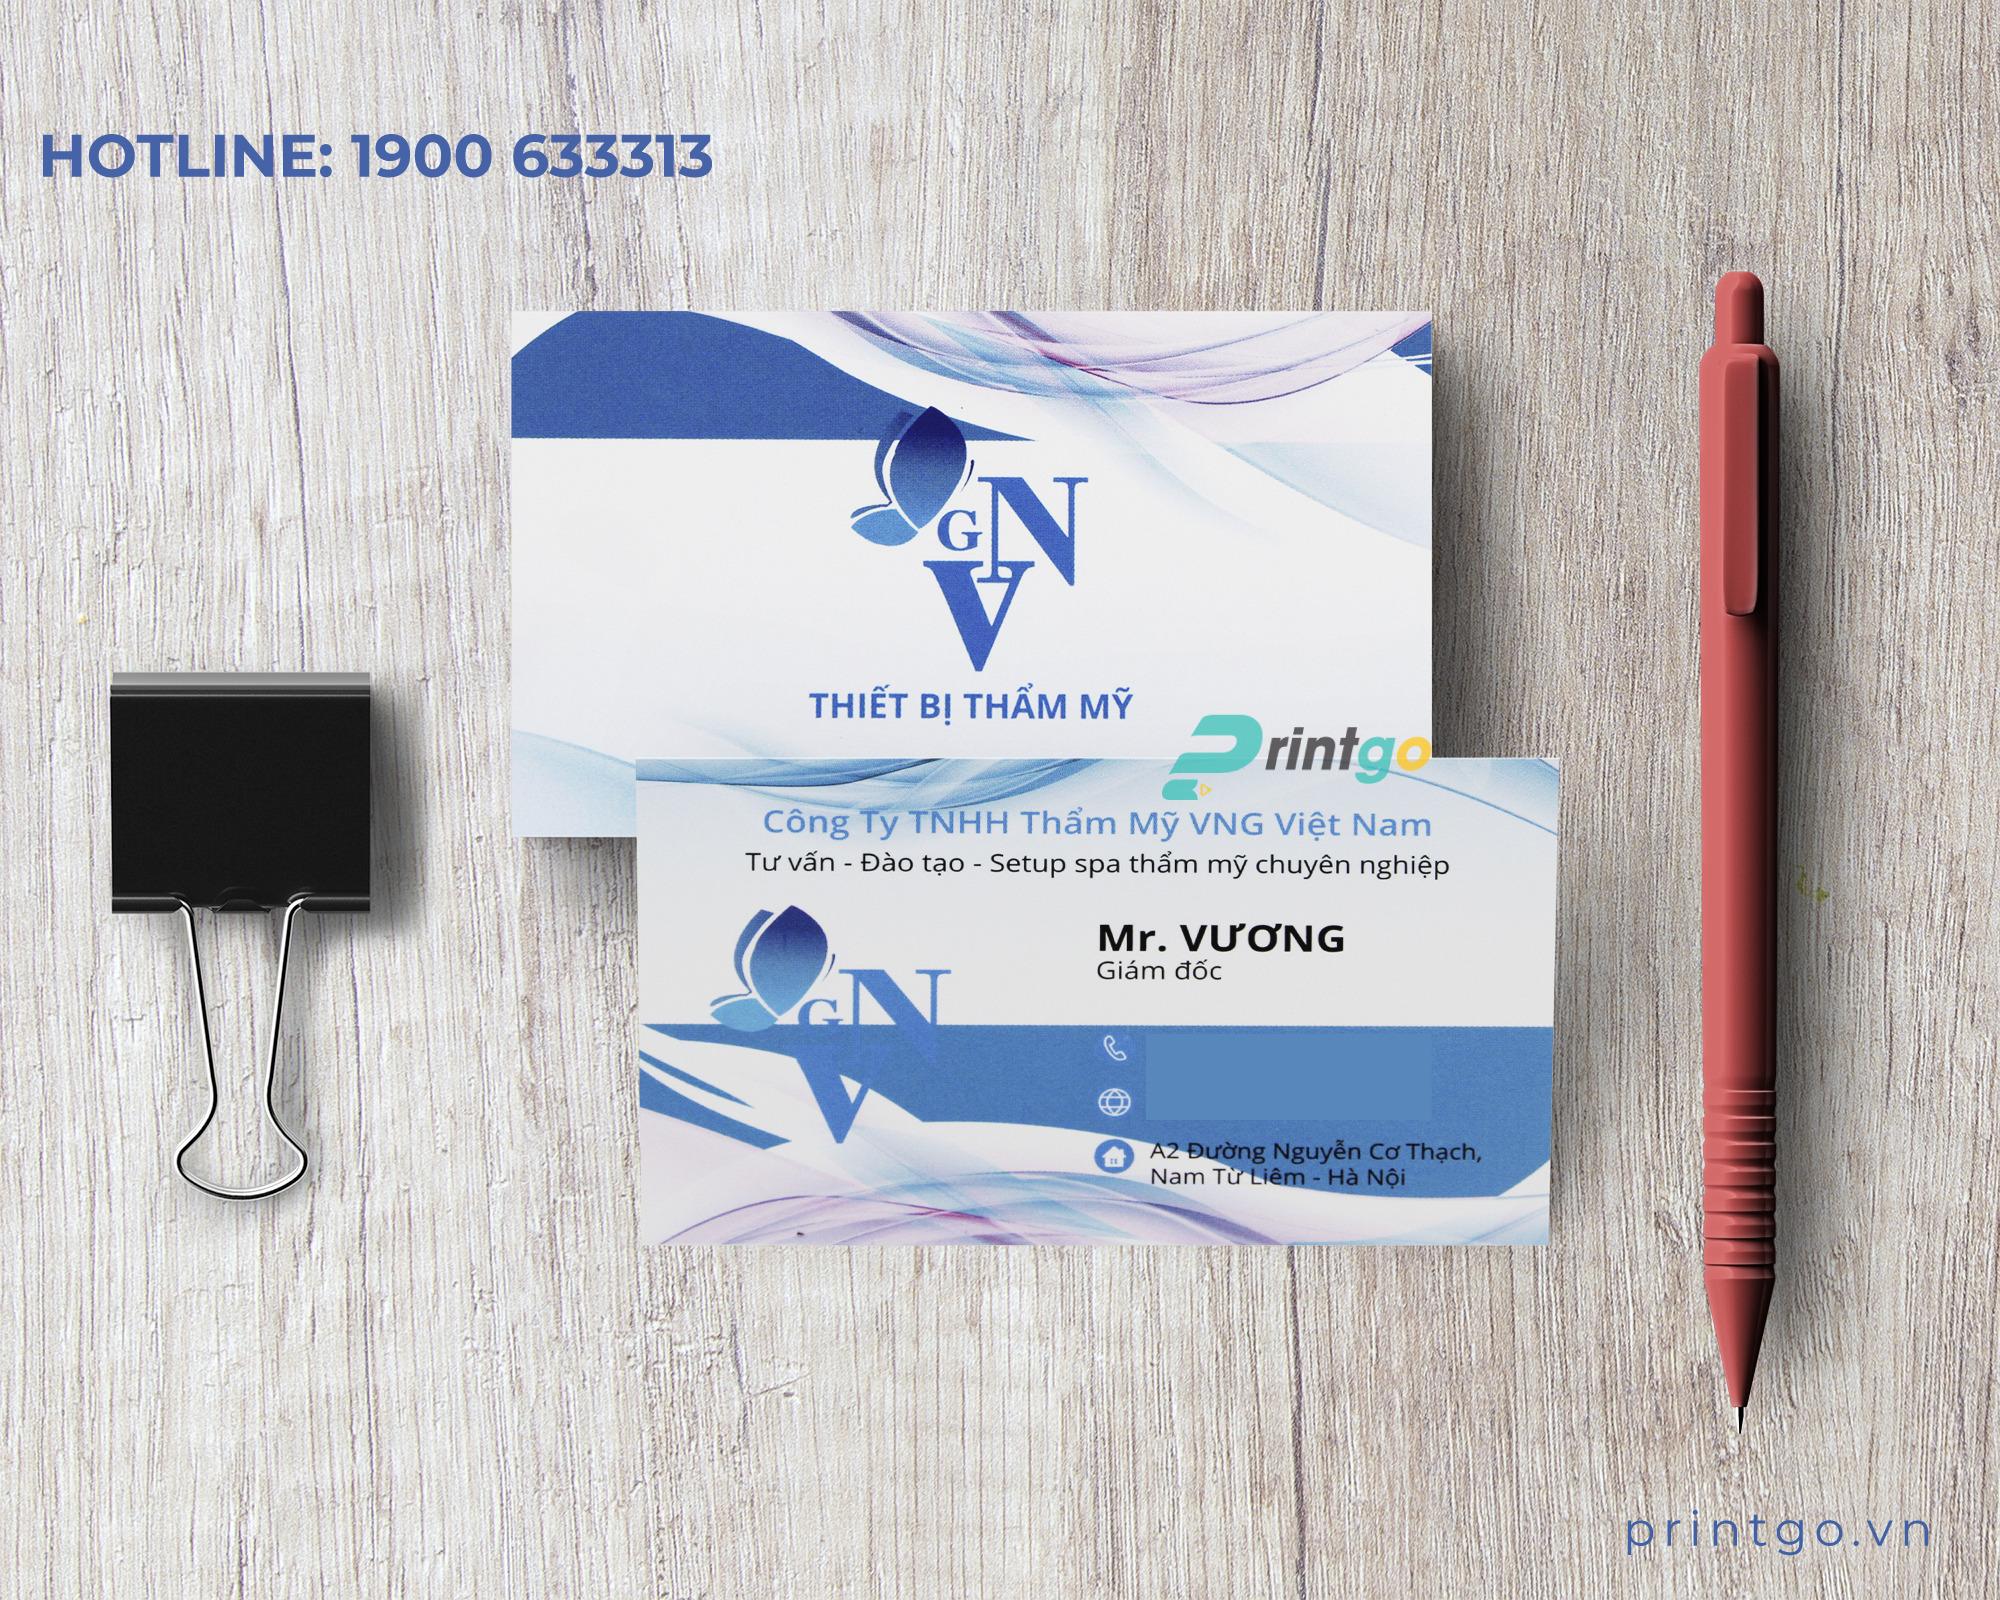 Khách hàng làm về dịch vụ thẩm mỹ chọn Printgo để làm card visit